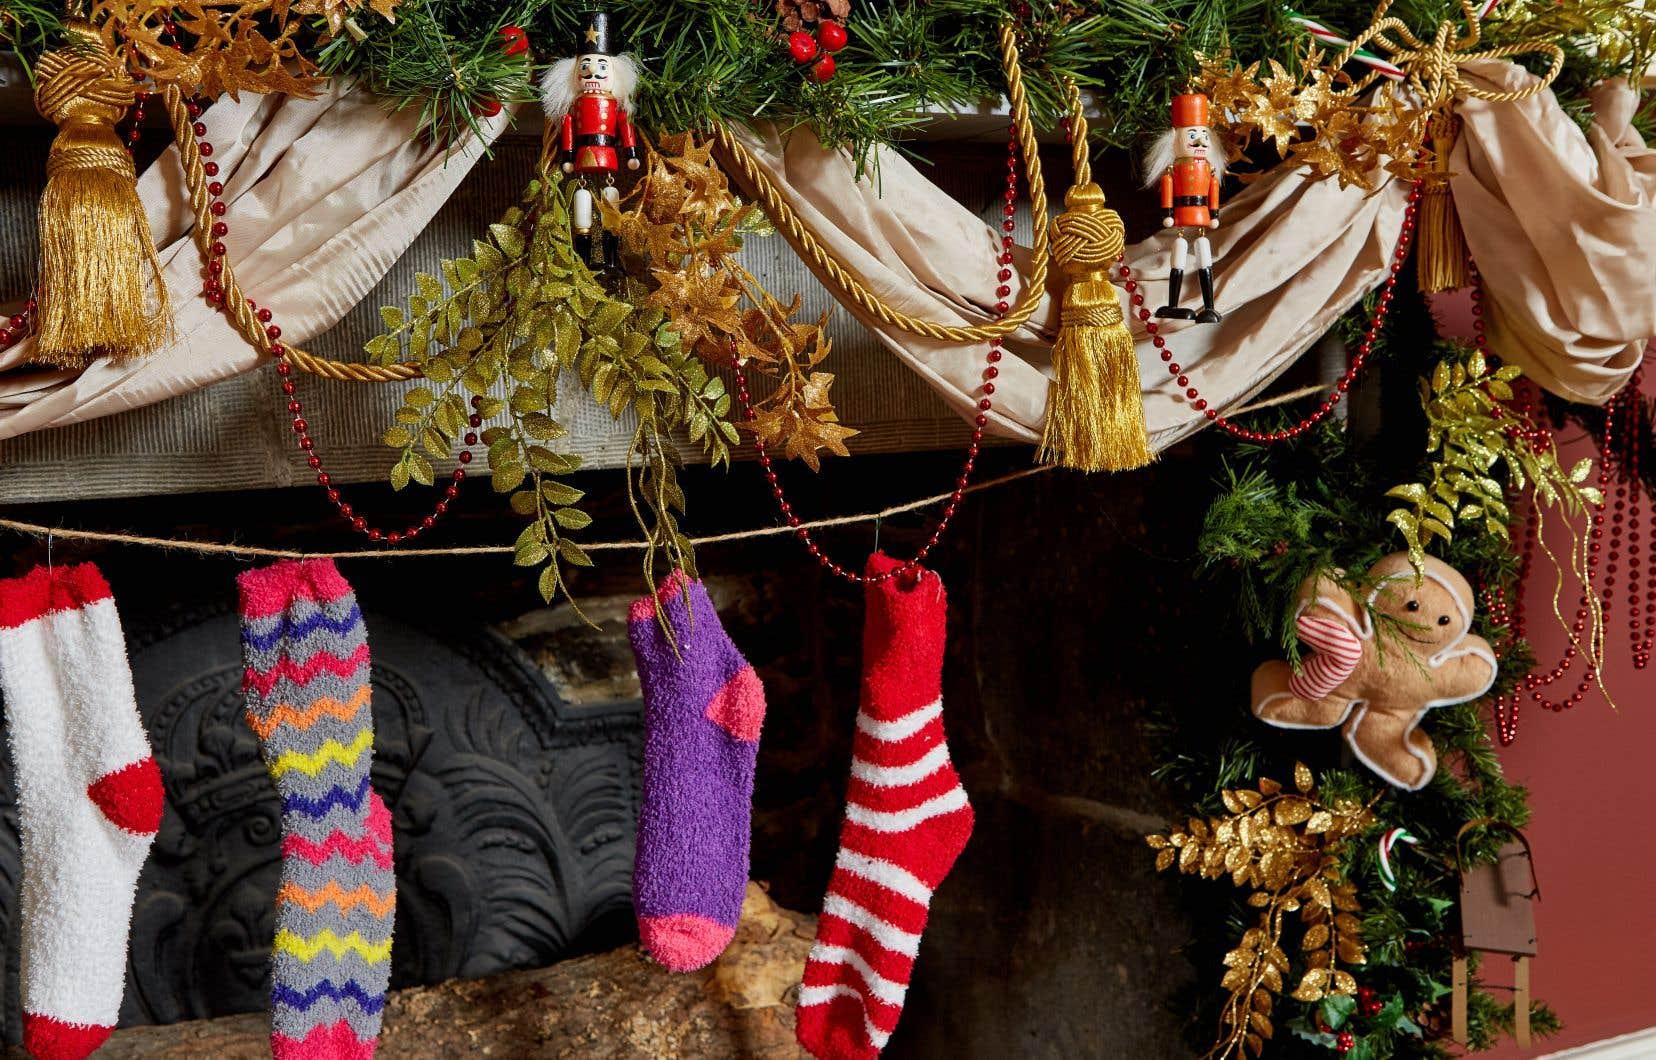 Sur lequel des cinq foyers du Château accrocher son bas? Celui qui raconte l'origine de la bûche de Noël et des cartes de vœux? Du «Minuit, chrétiens» et du sapin de Noël? Du père Noël et des rois?